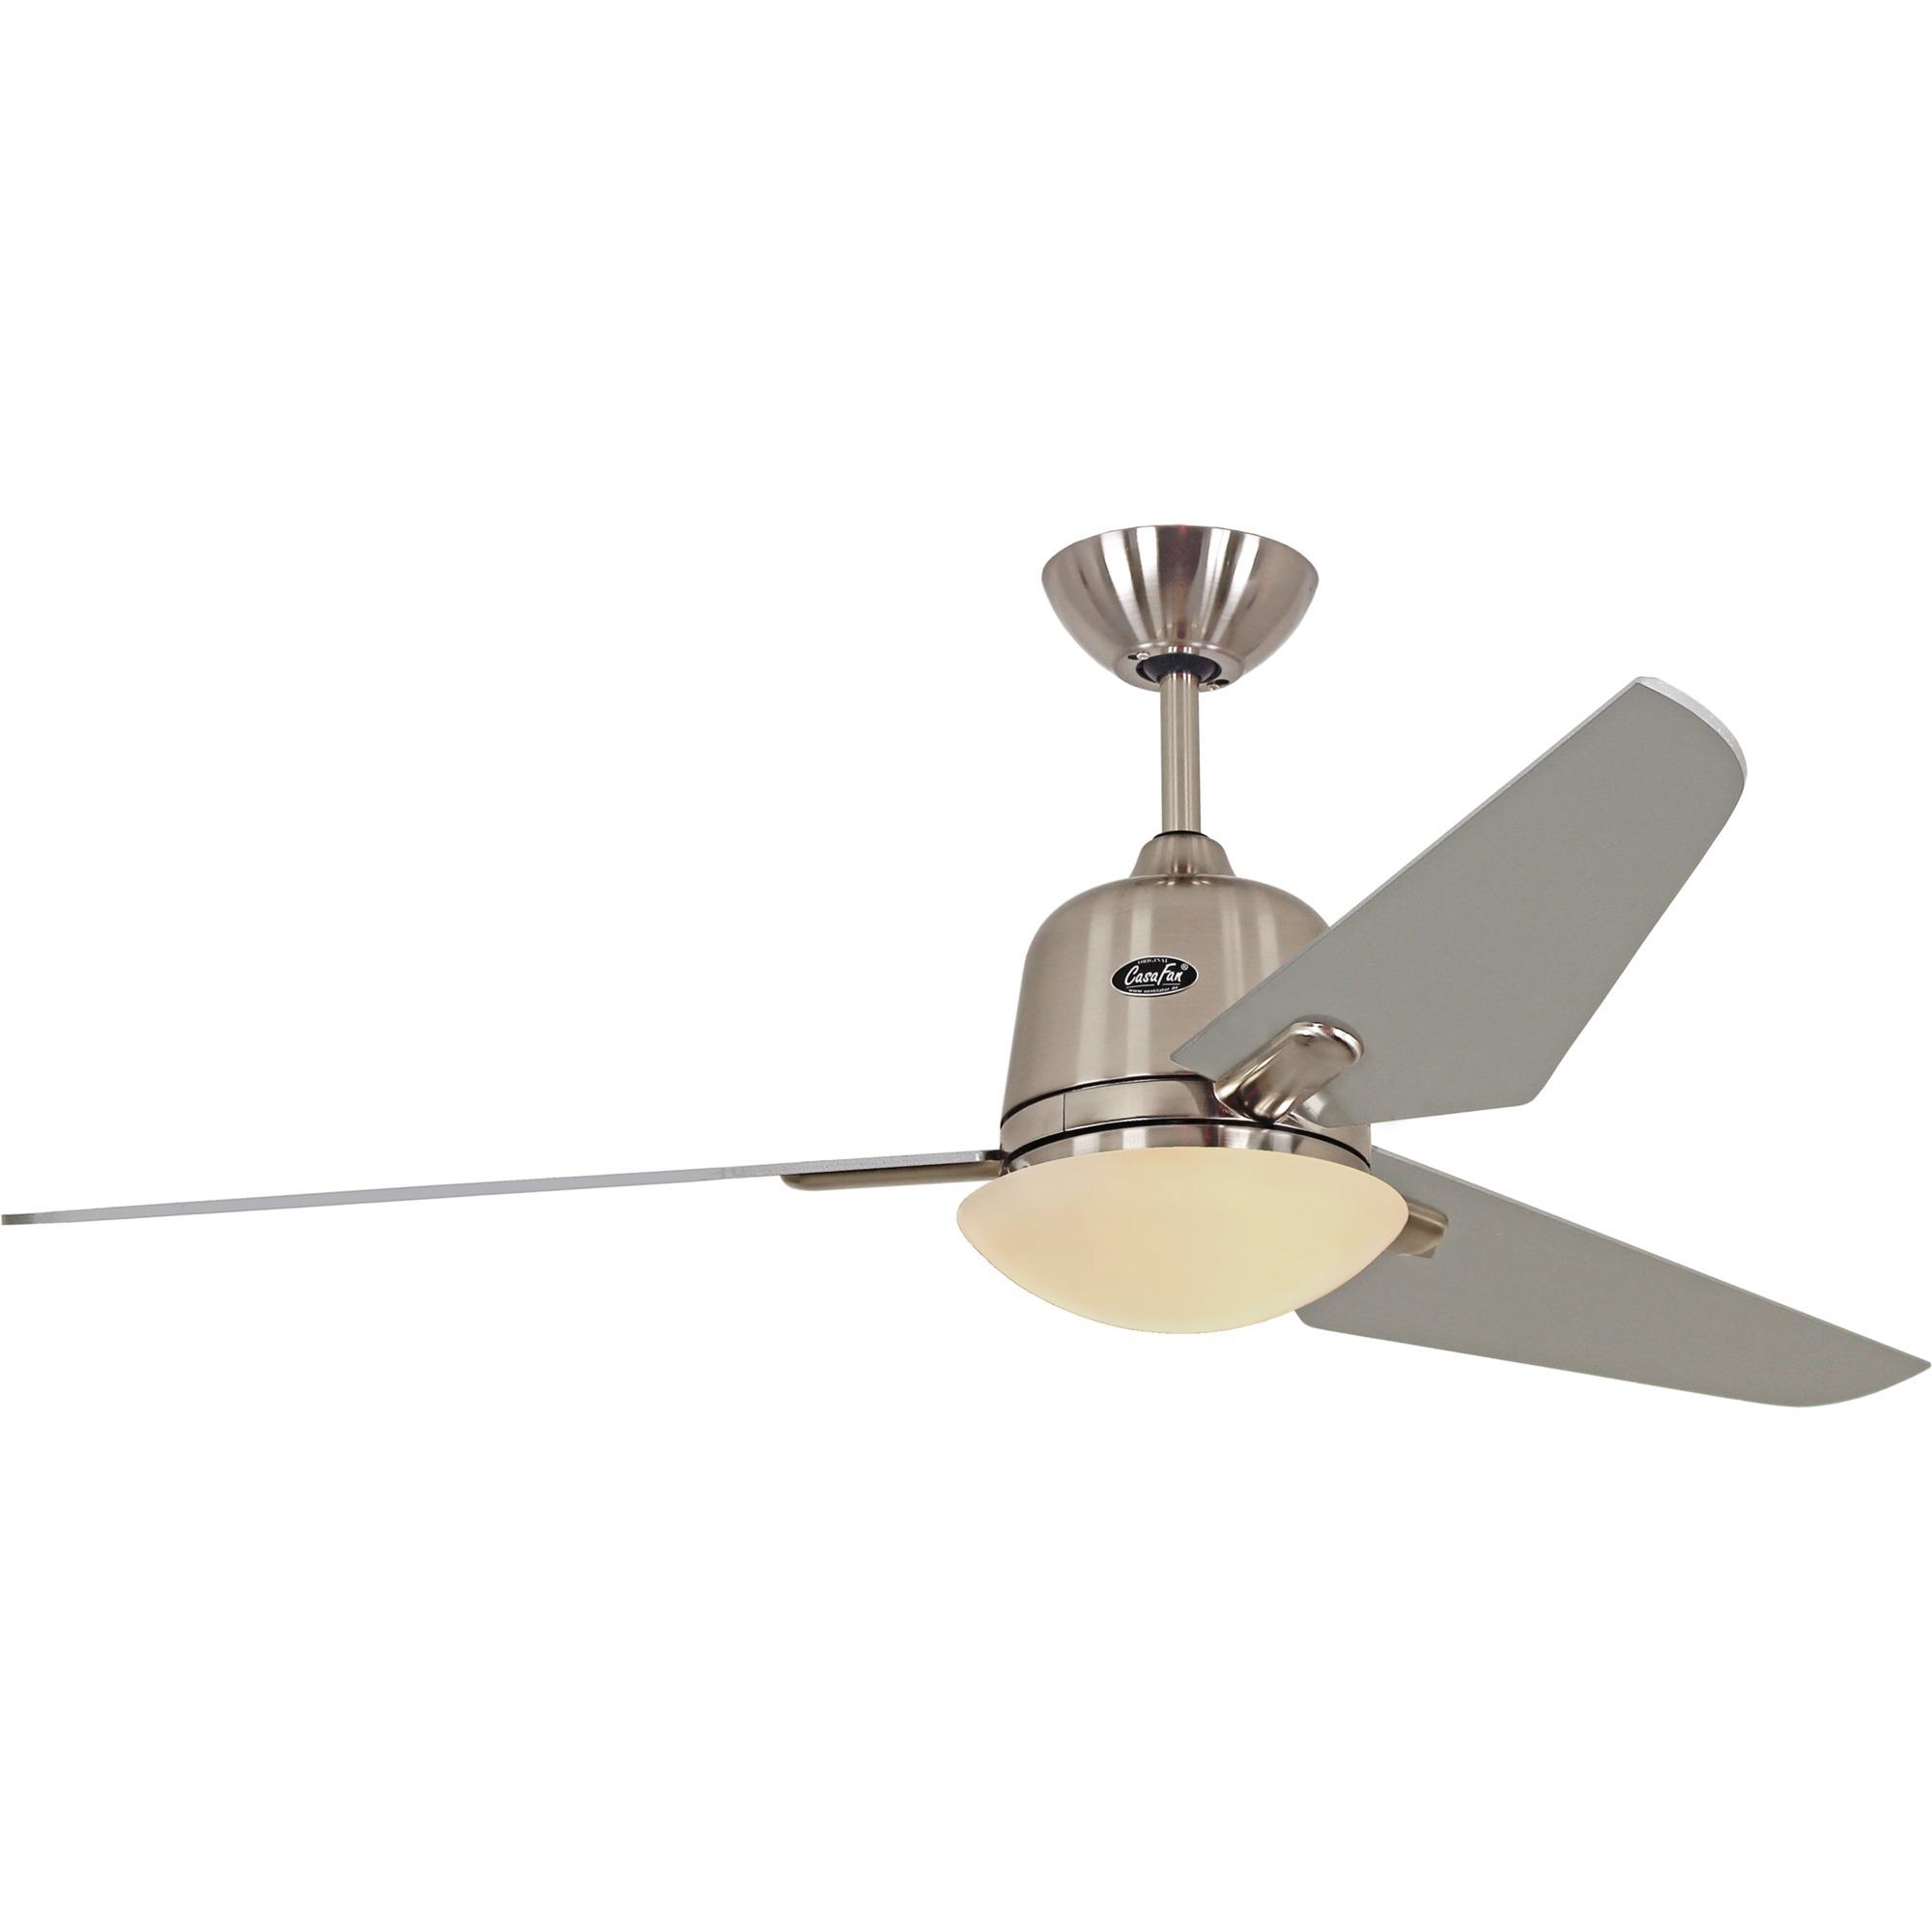 ECO AVIATOS 132 BN-SL Ventilador con aspas para el hogar Cromo